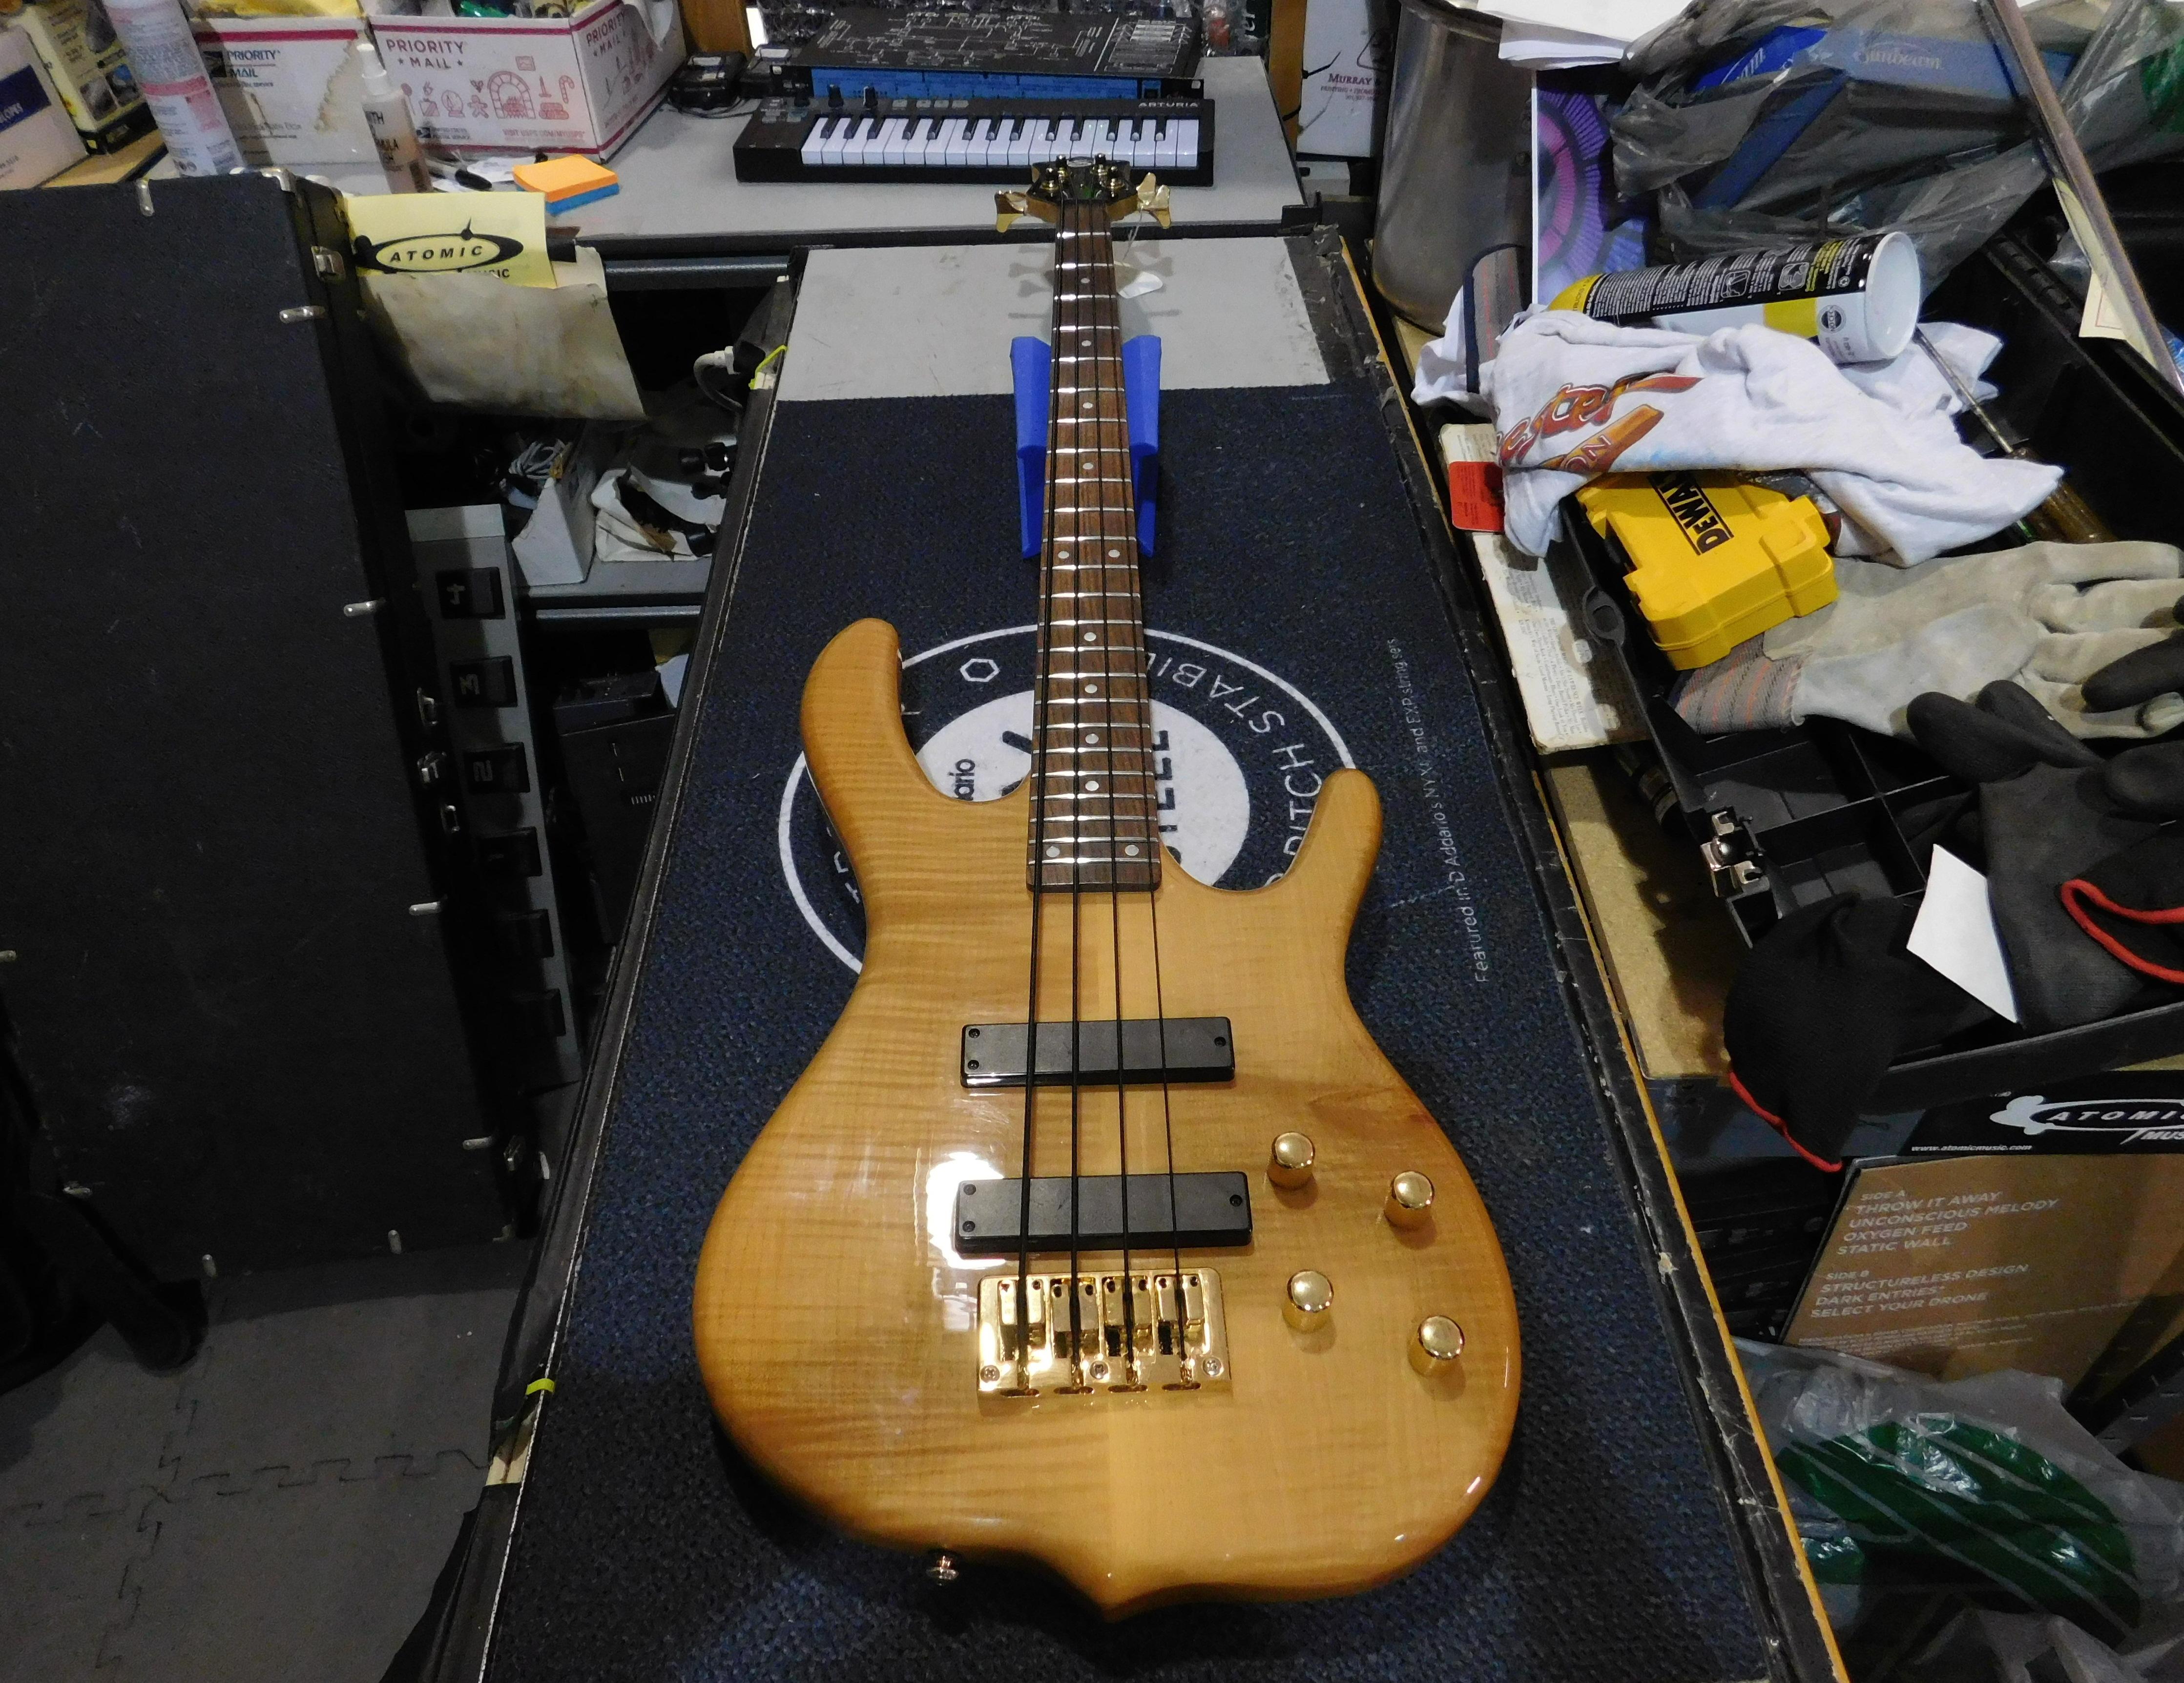 KEN SMITH DESIGN KSD Burner Deluxe 5 5-String Electric Bass w/ Gig-bag